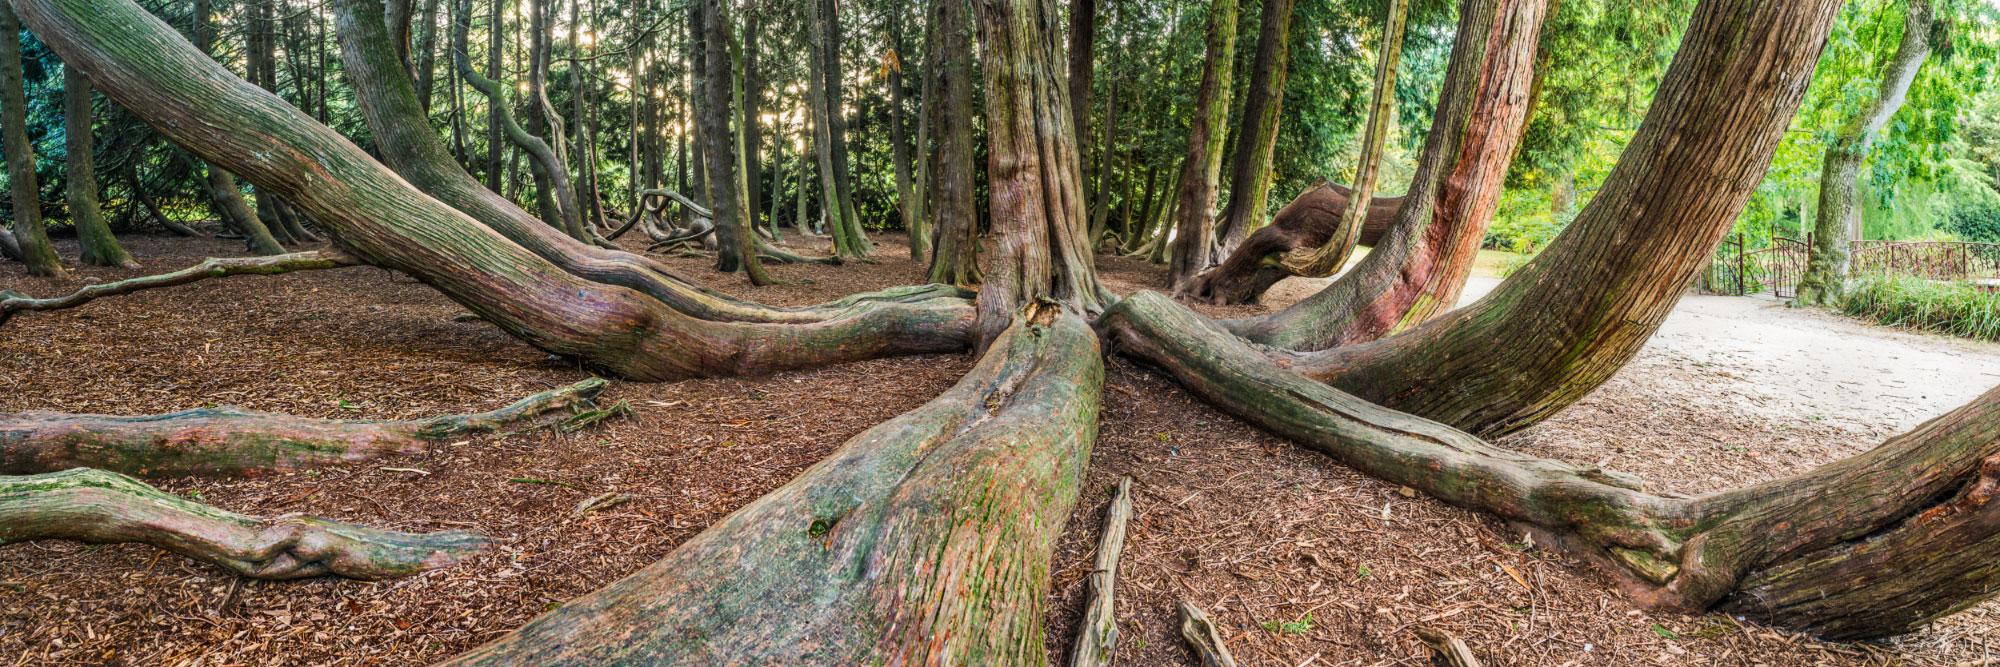 Le thuya géant du jardin de Vitré